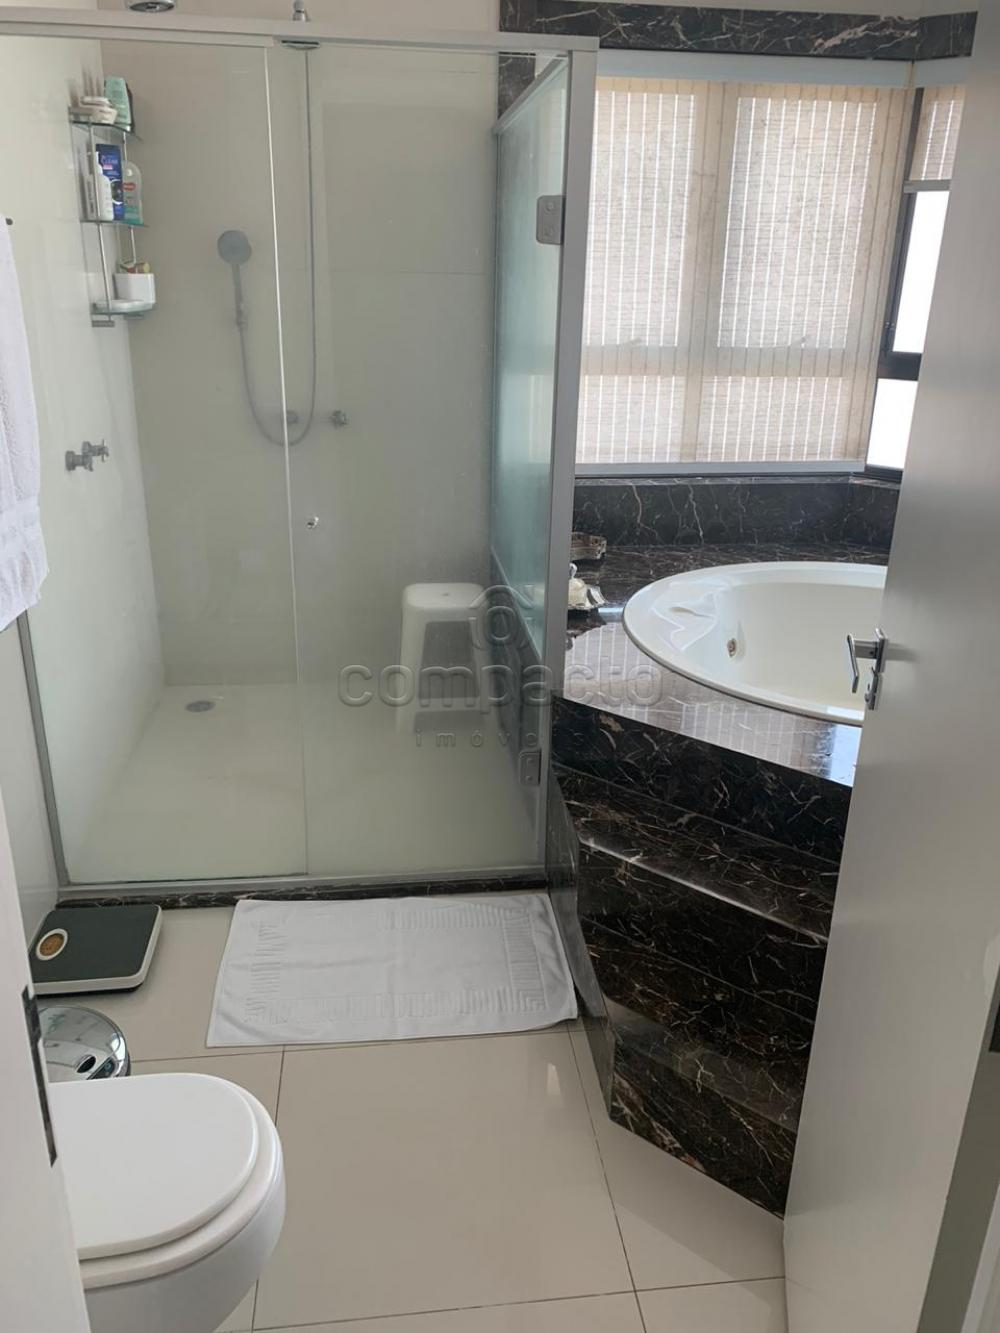 Comprar Apartamento / Padrão em São José do Rio Preto apenas R$ 899.000,00 - Foto 16